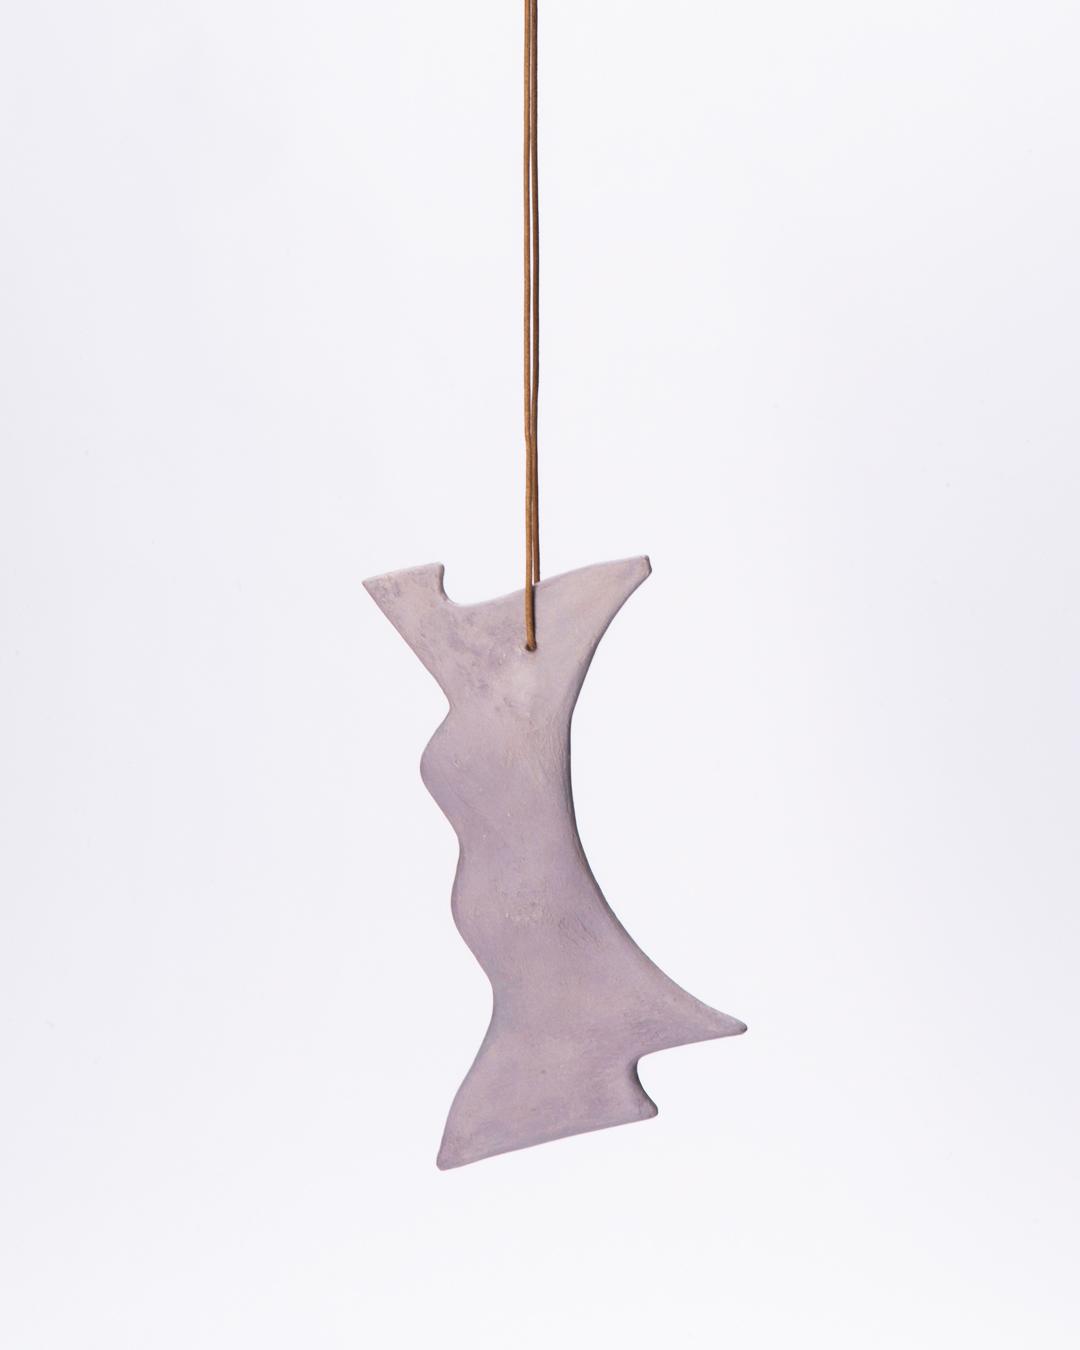 Julia Walter, untitled, 2020, hanger, hout, mineralen, pigmenten, acrylverf, leren koord, 190 x 110 x 15 mm € 730